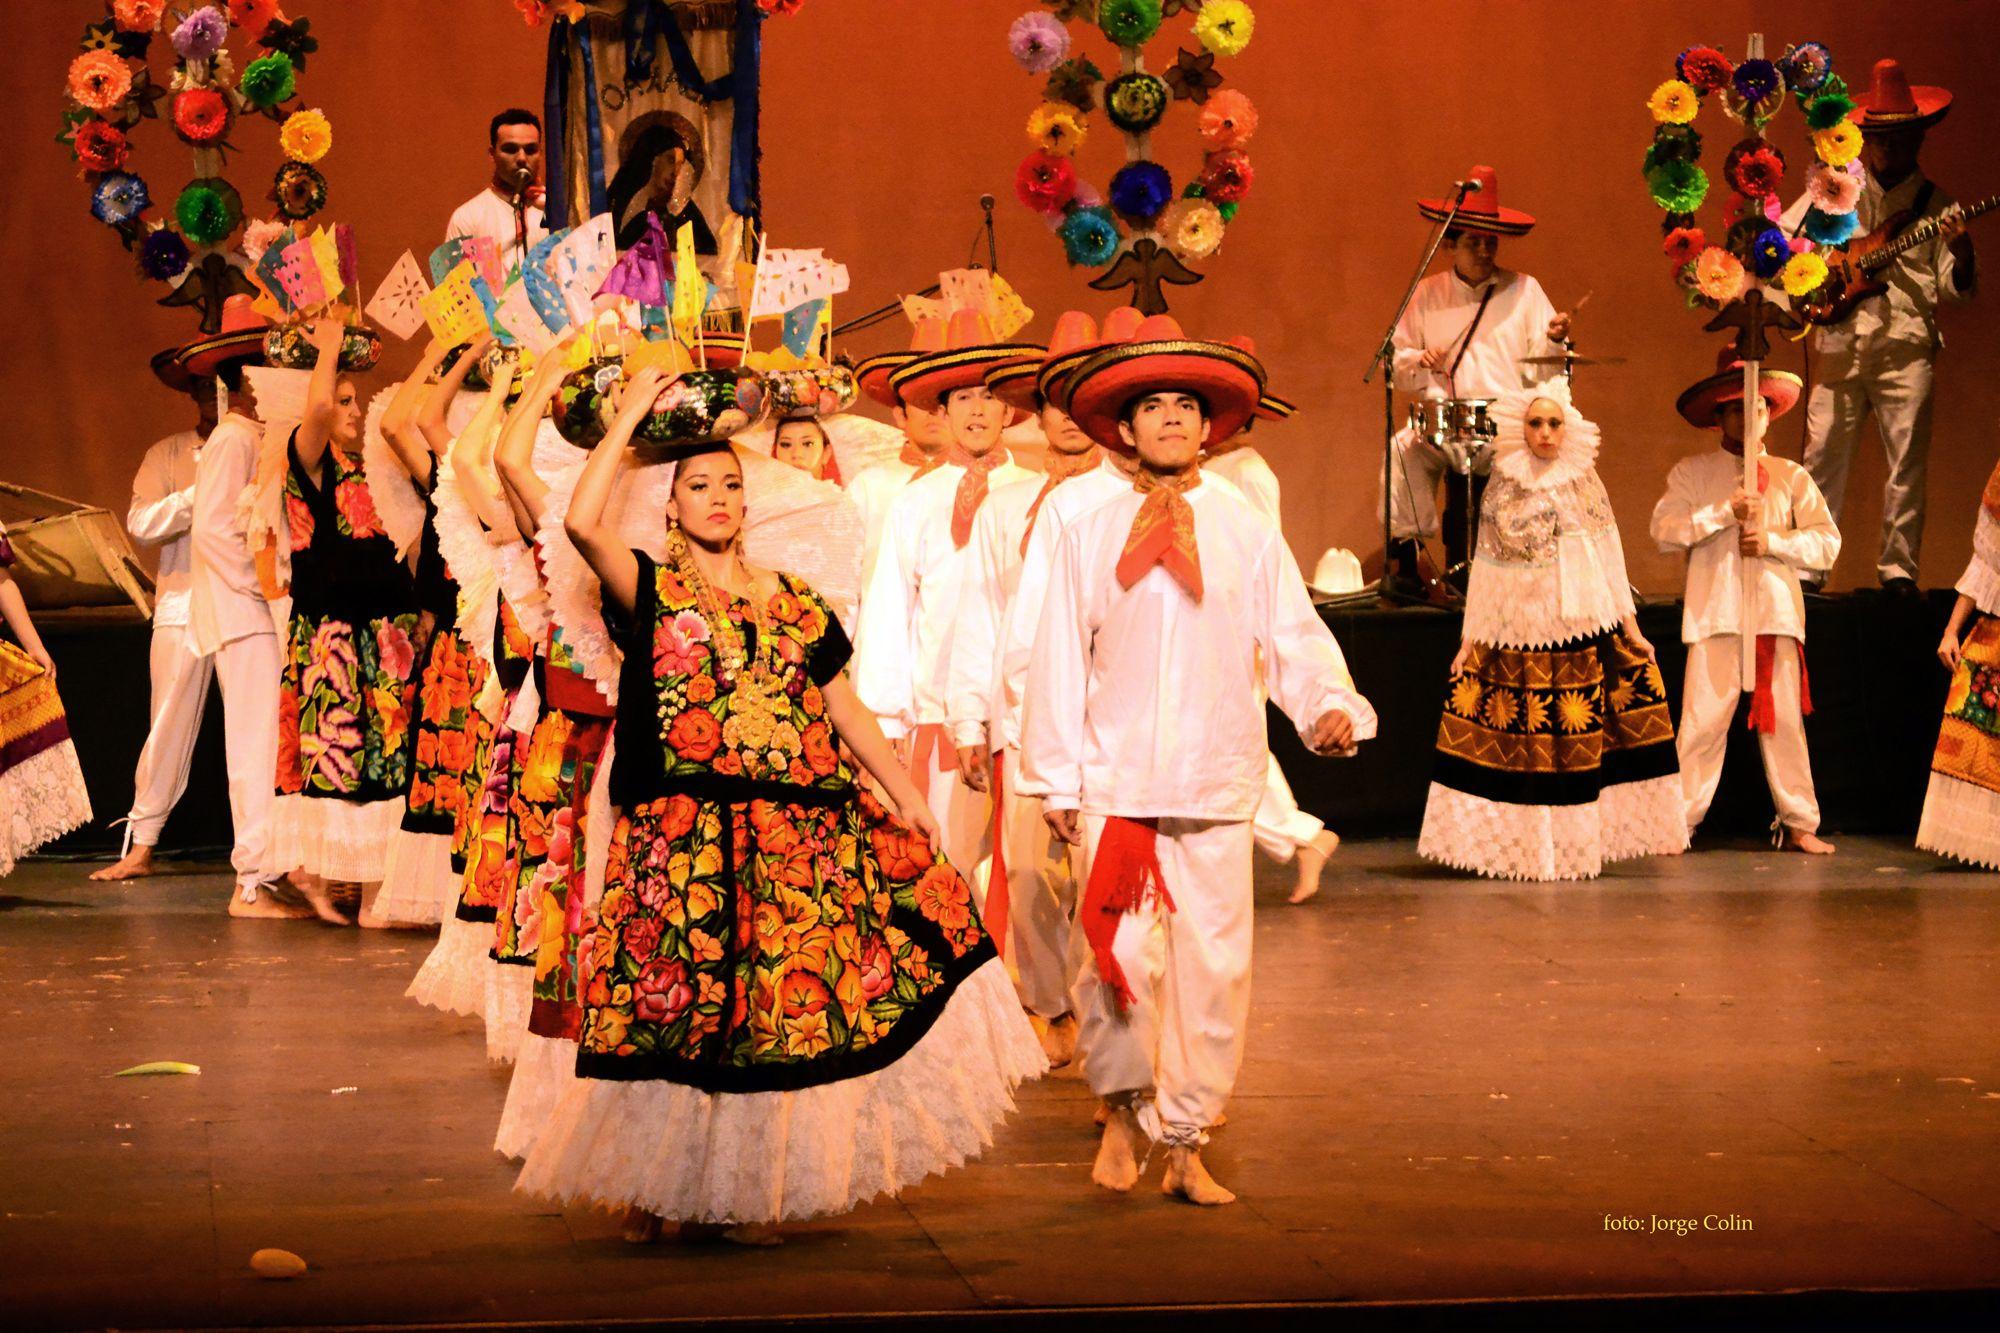 Resultado de imagen para fotos danza folklorica GUERRERO